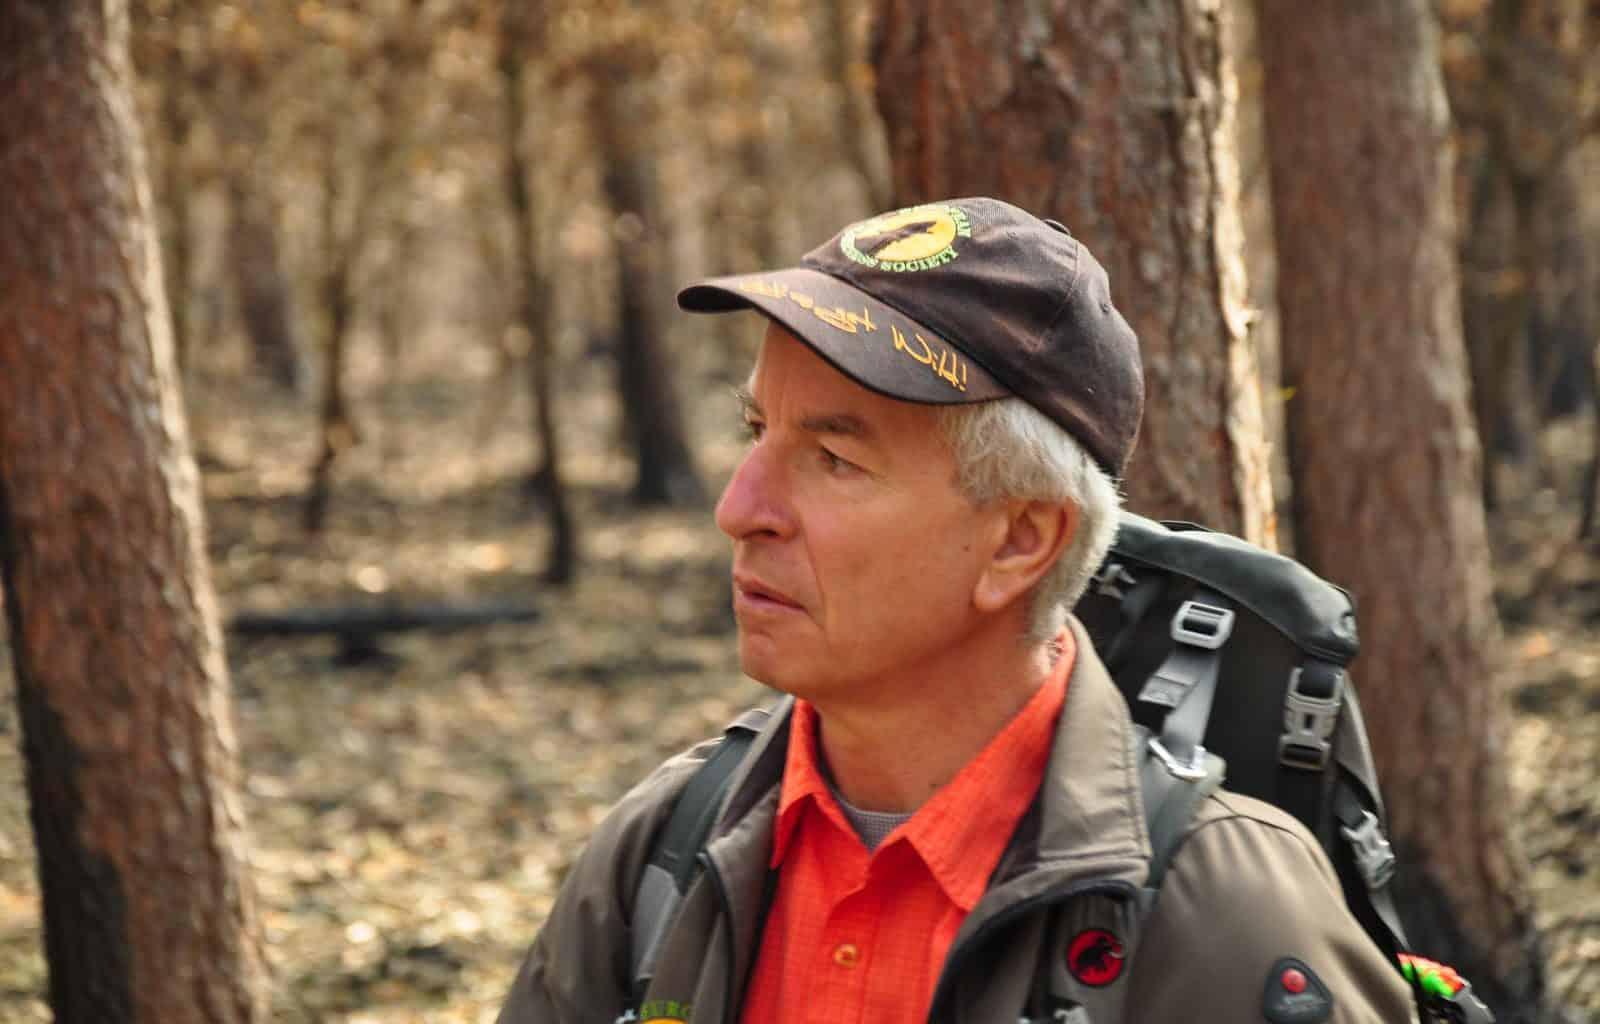 Forest Fire Treuebrietzen Brandenburg-22401 © Christoph Nowicki